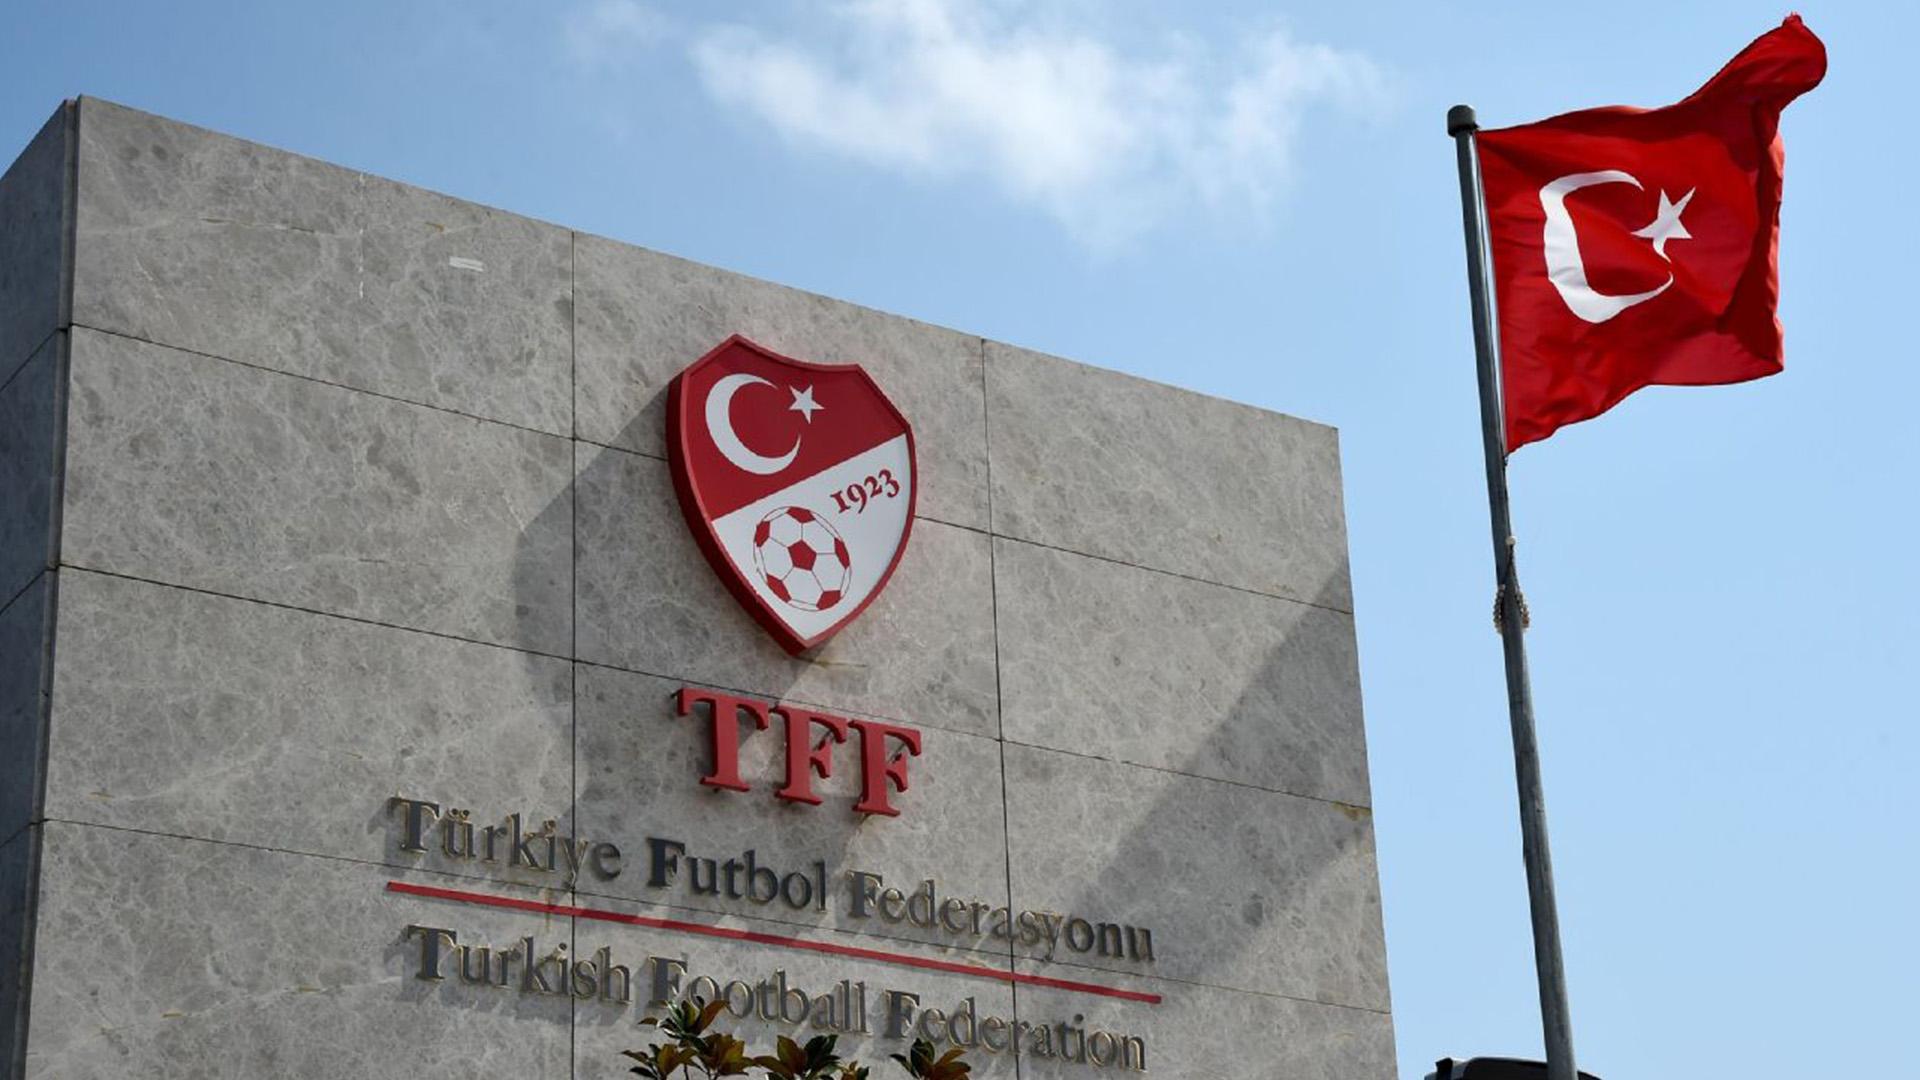 TFF açıkladı! 4 kulüp, 7 futbolcu PFDK'ye sevk edildi!